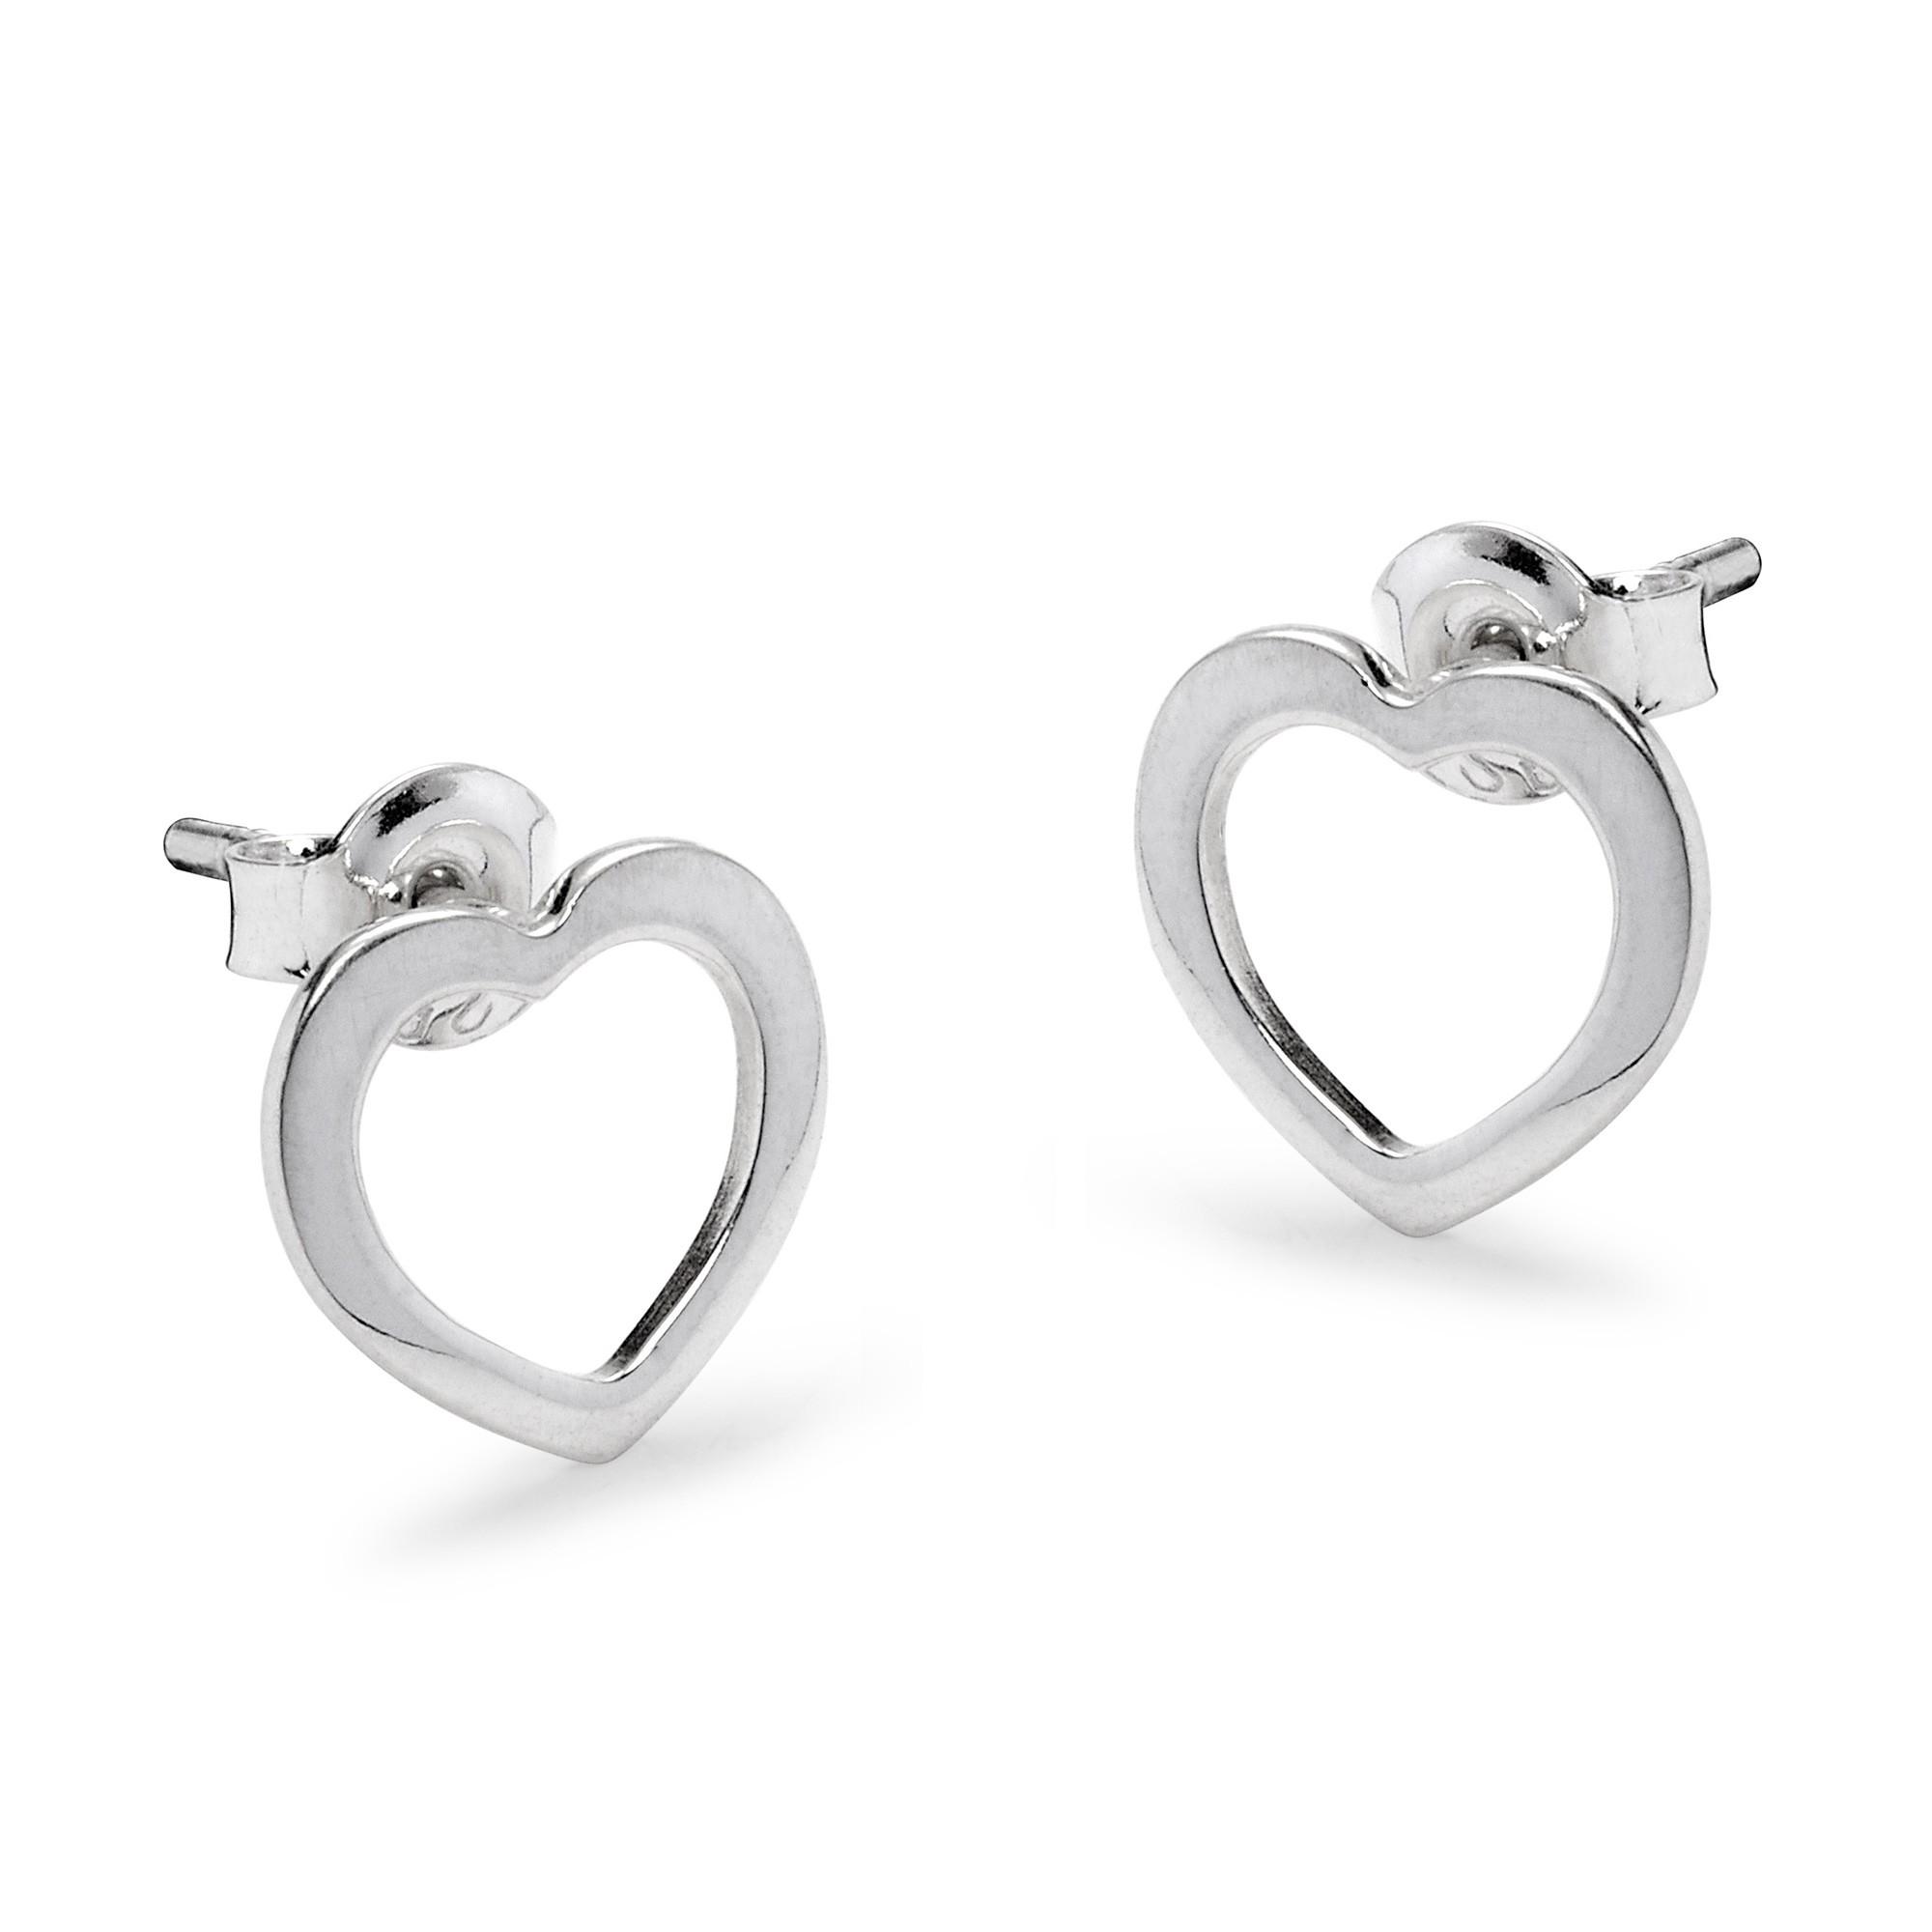 Boucles d'oreilles cœur ajourées en argent